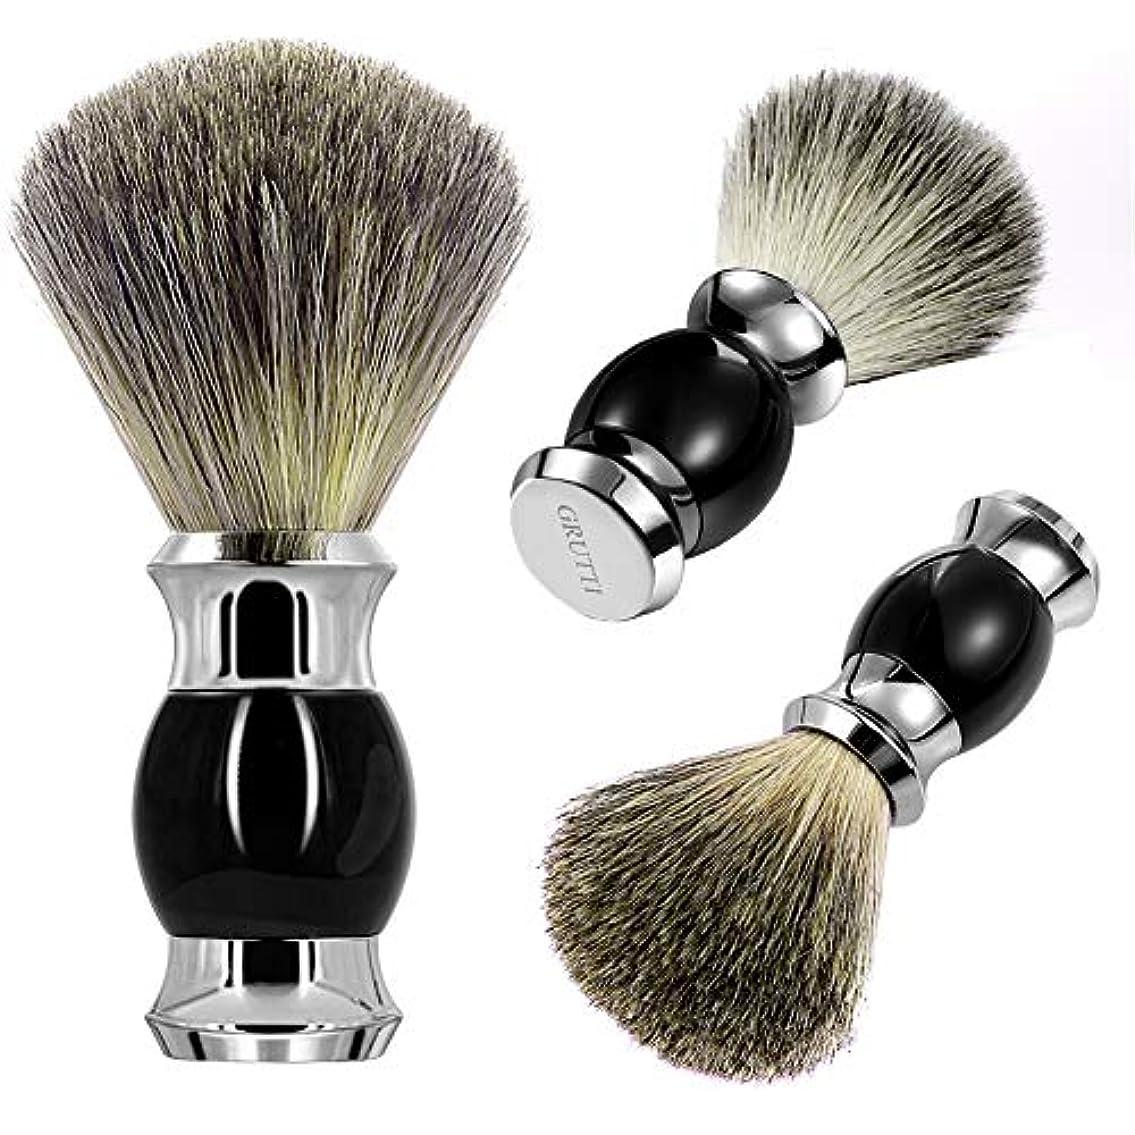 倍増発生器担当者GRUTTI ひげブラシ シェービング ブラシ メンズ 100% アナグマ毛 理容 洗顔 髭剃り 泡立ち …